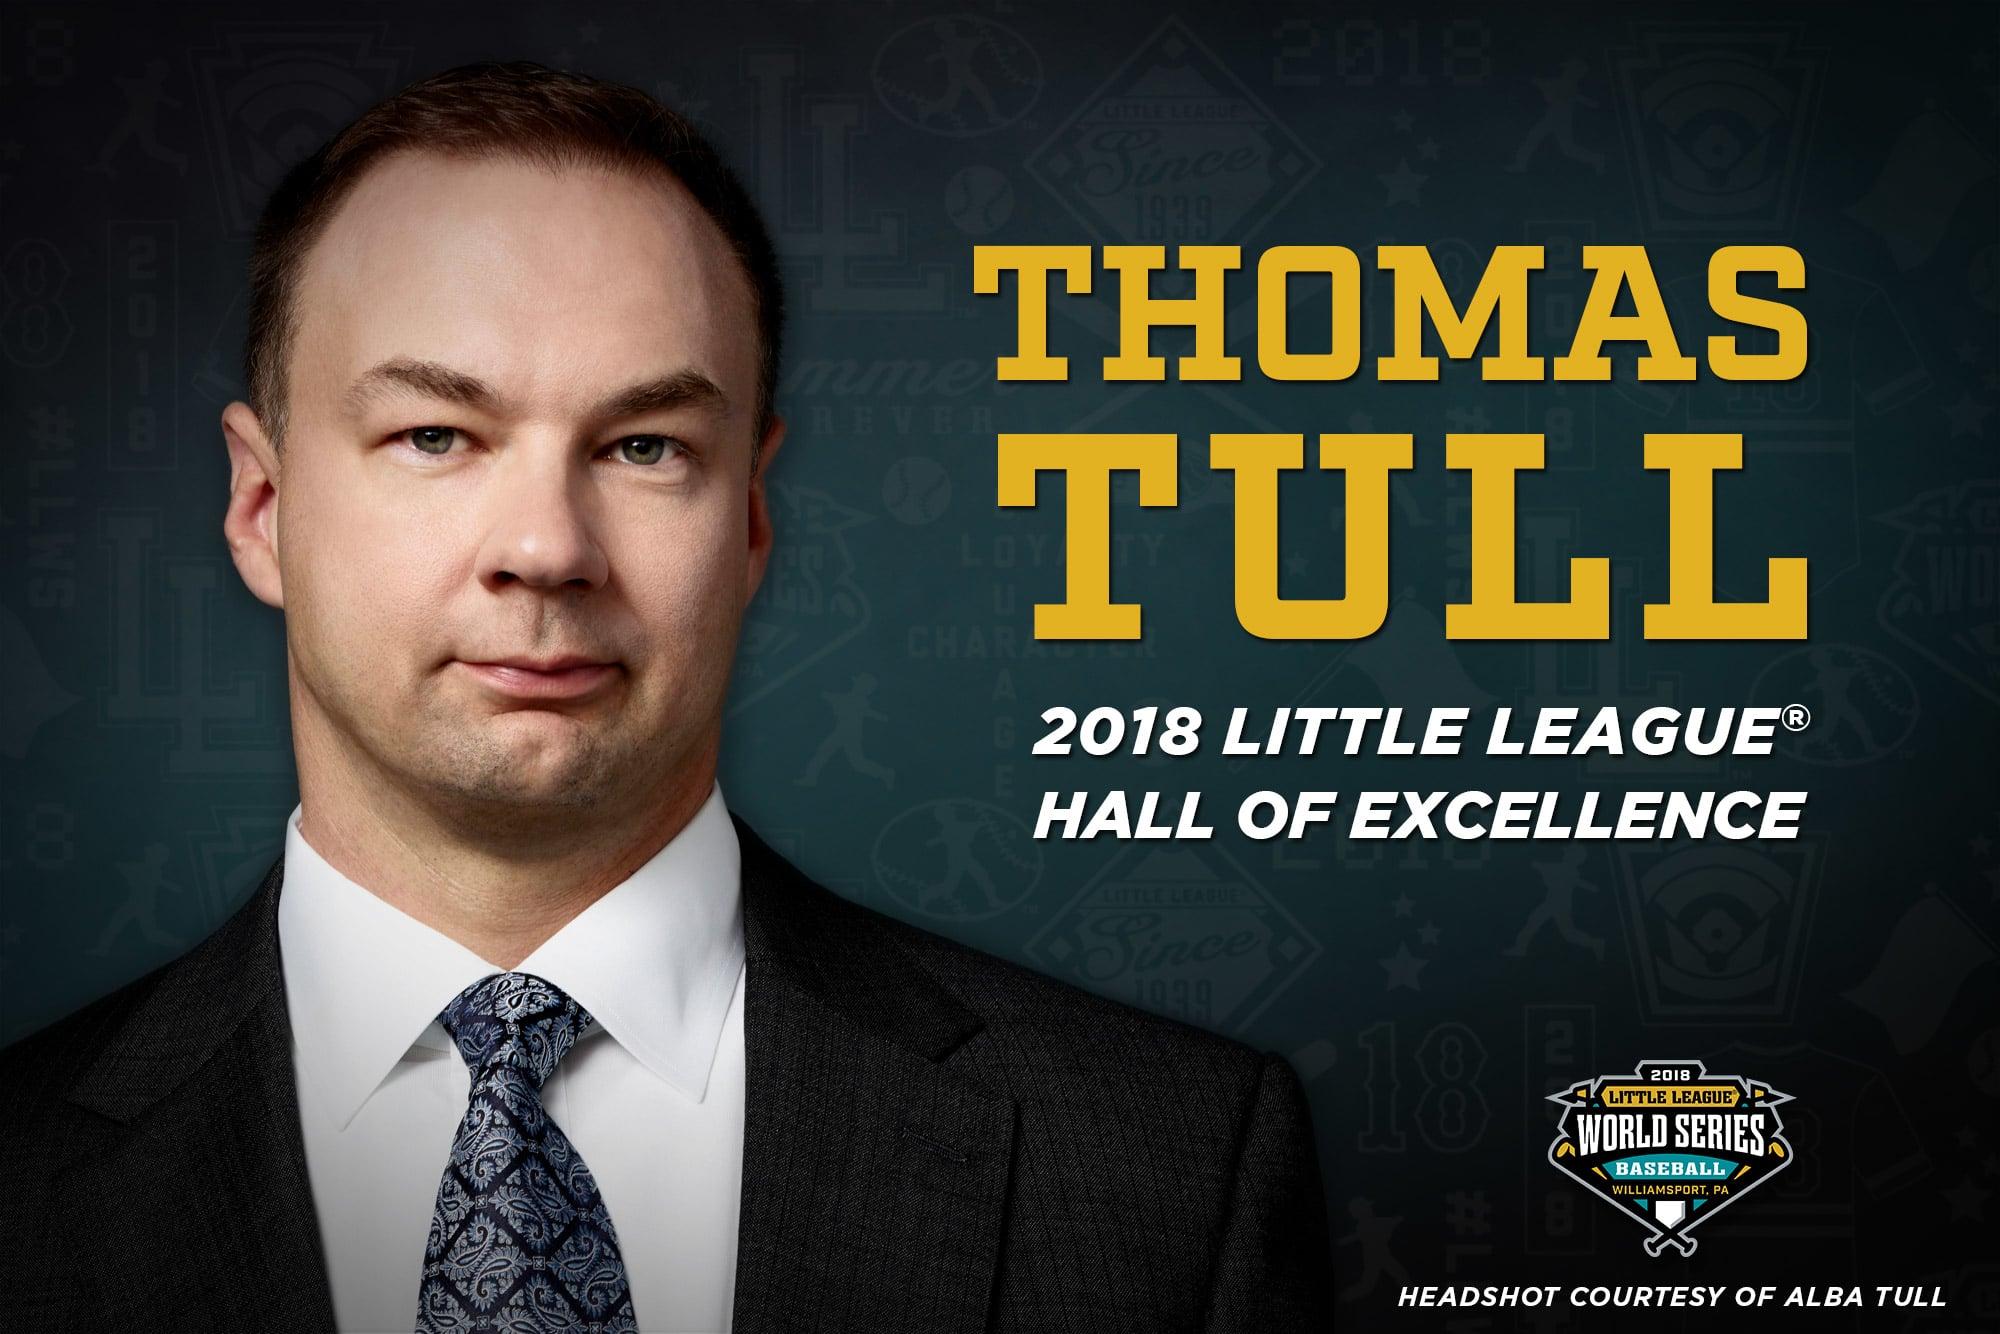 Thomas Tull